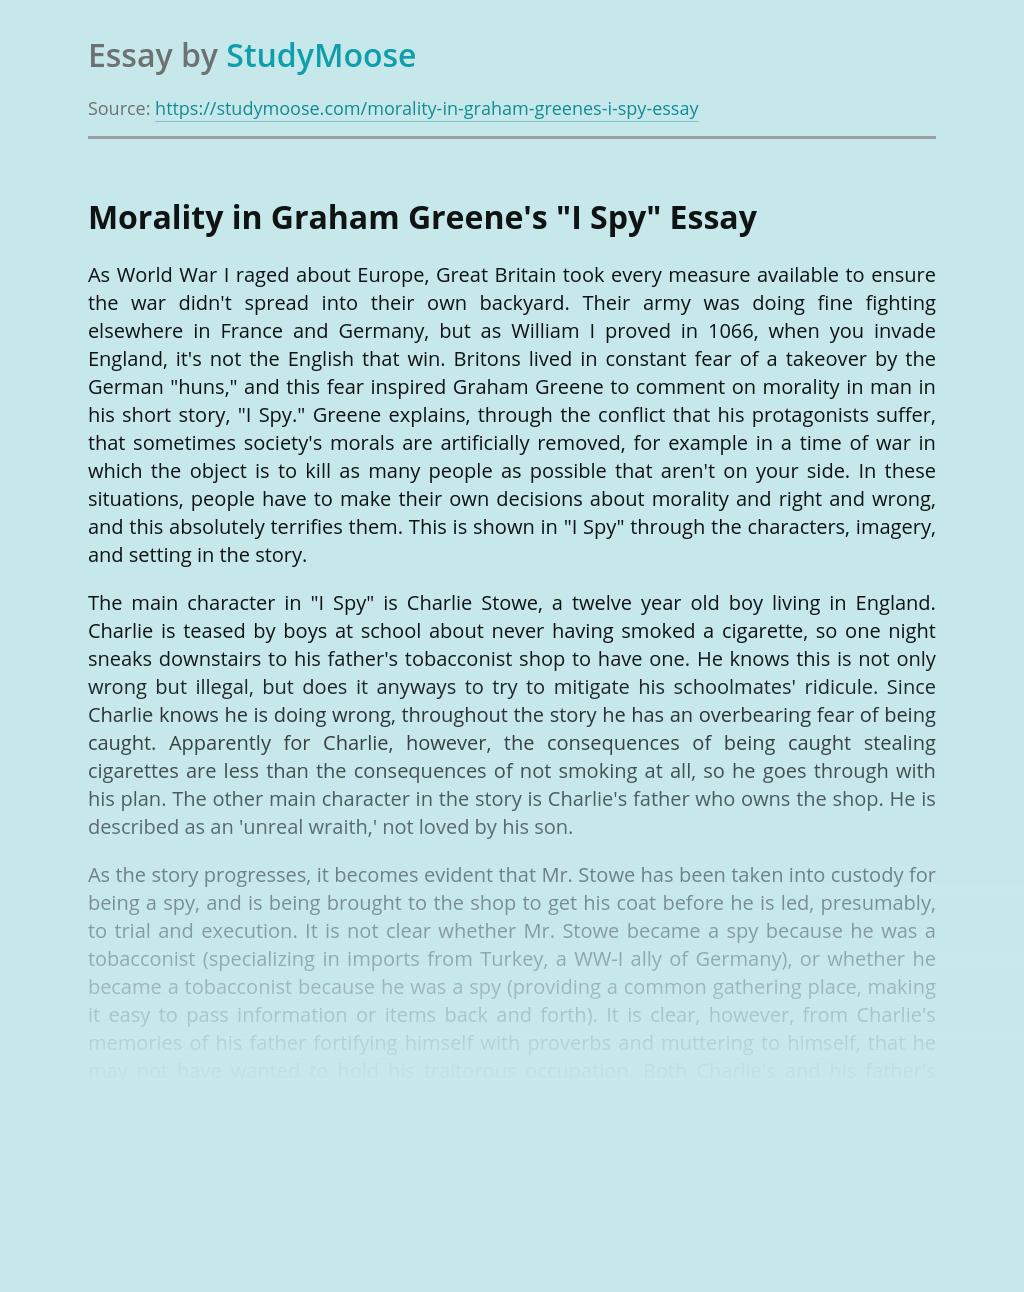 Morality in Graham Greene's